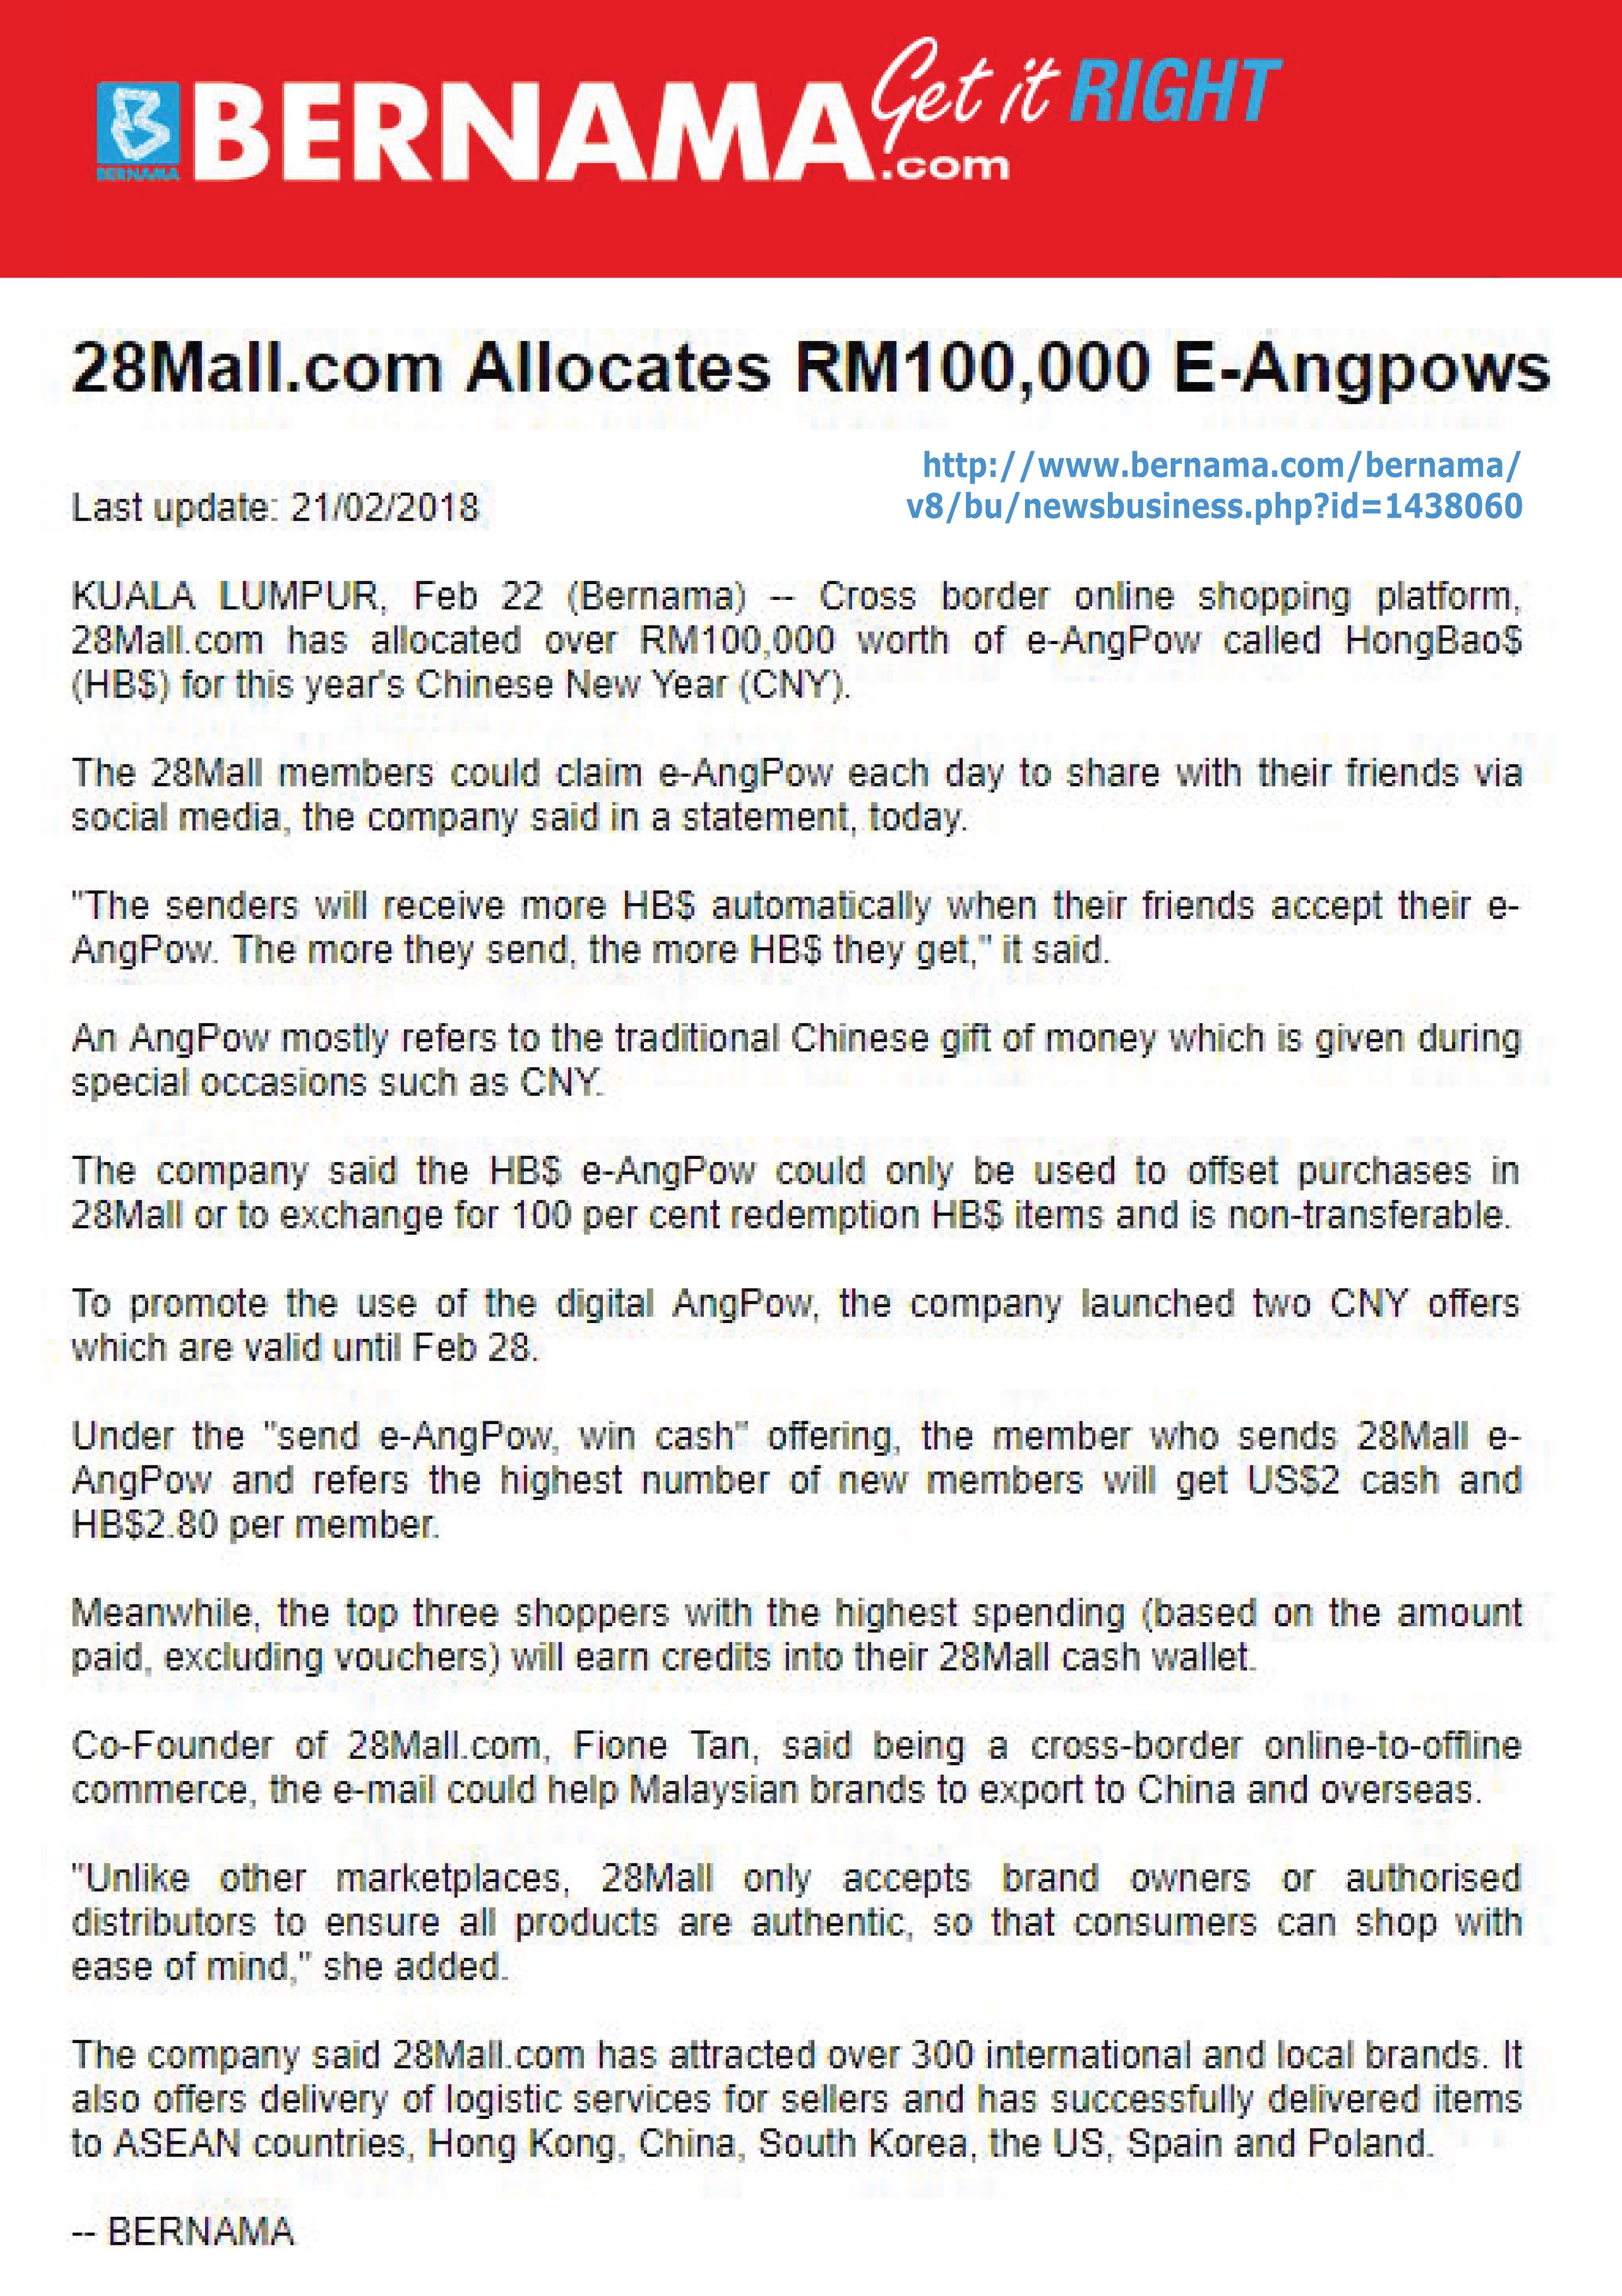 28Mall.com allocates RM100,000 e-AngPows